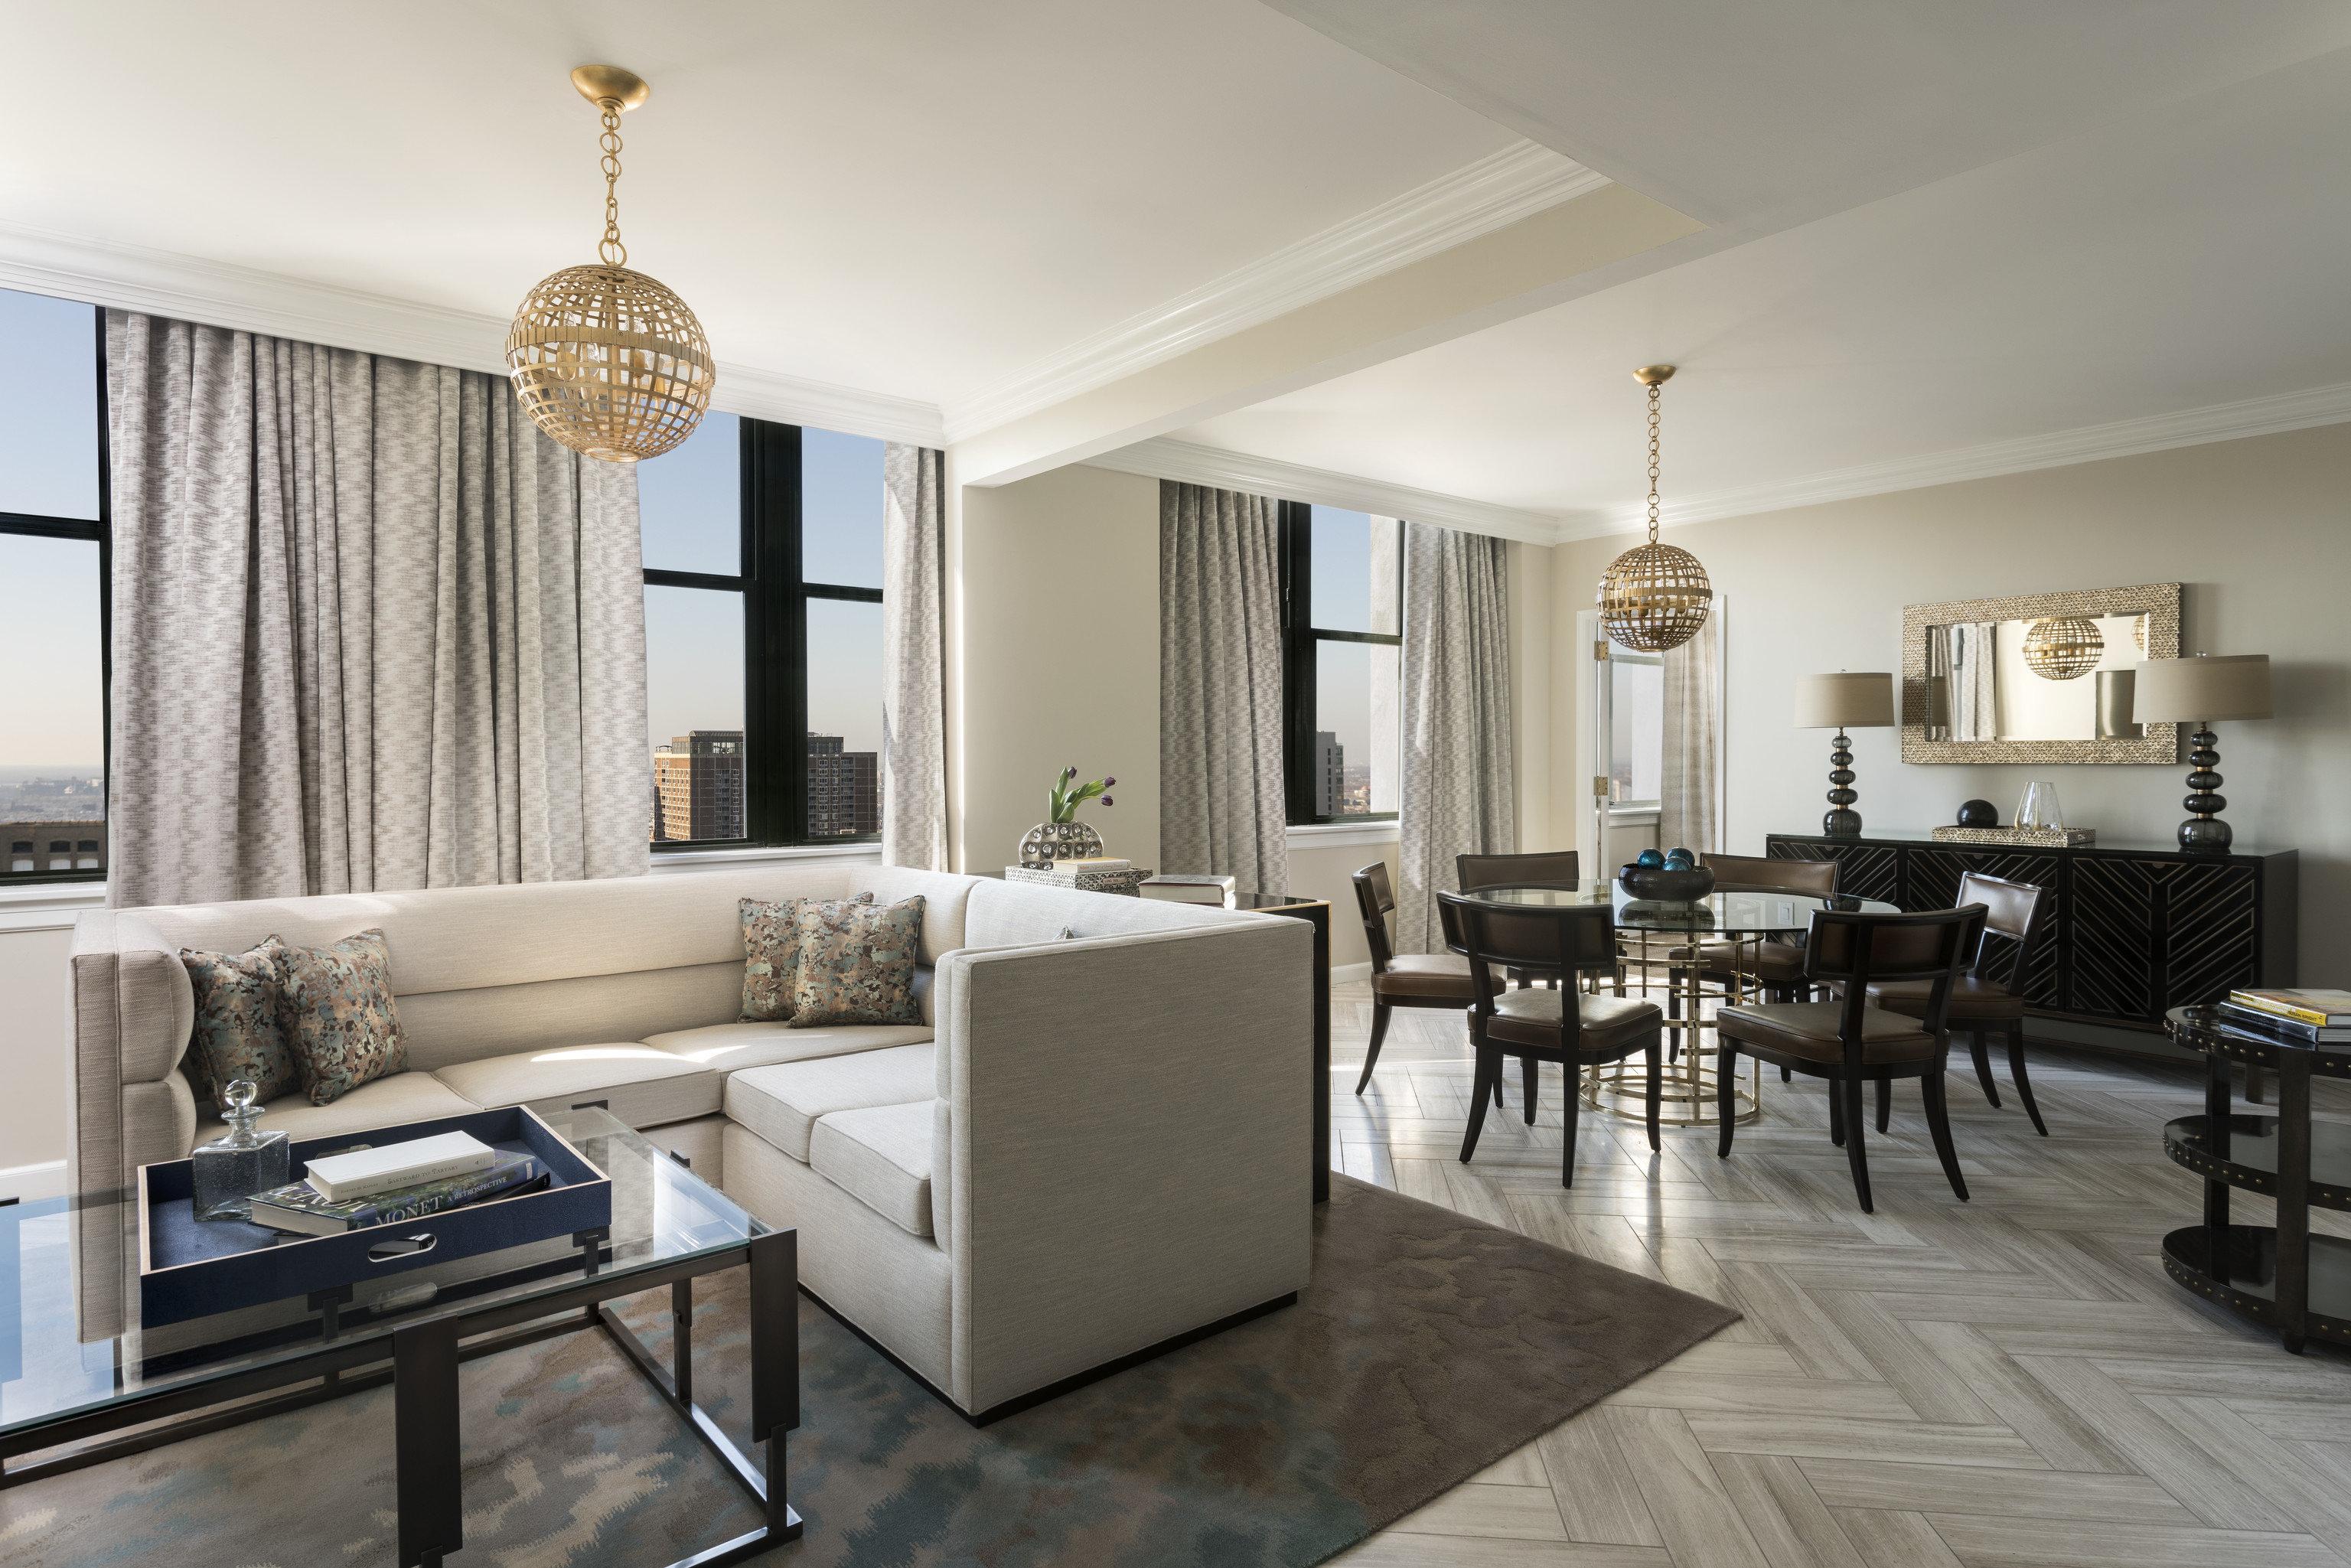 sofa living room property Suite flooring interior designer penthouse apartment